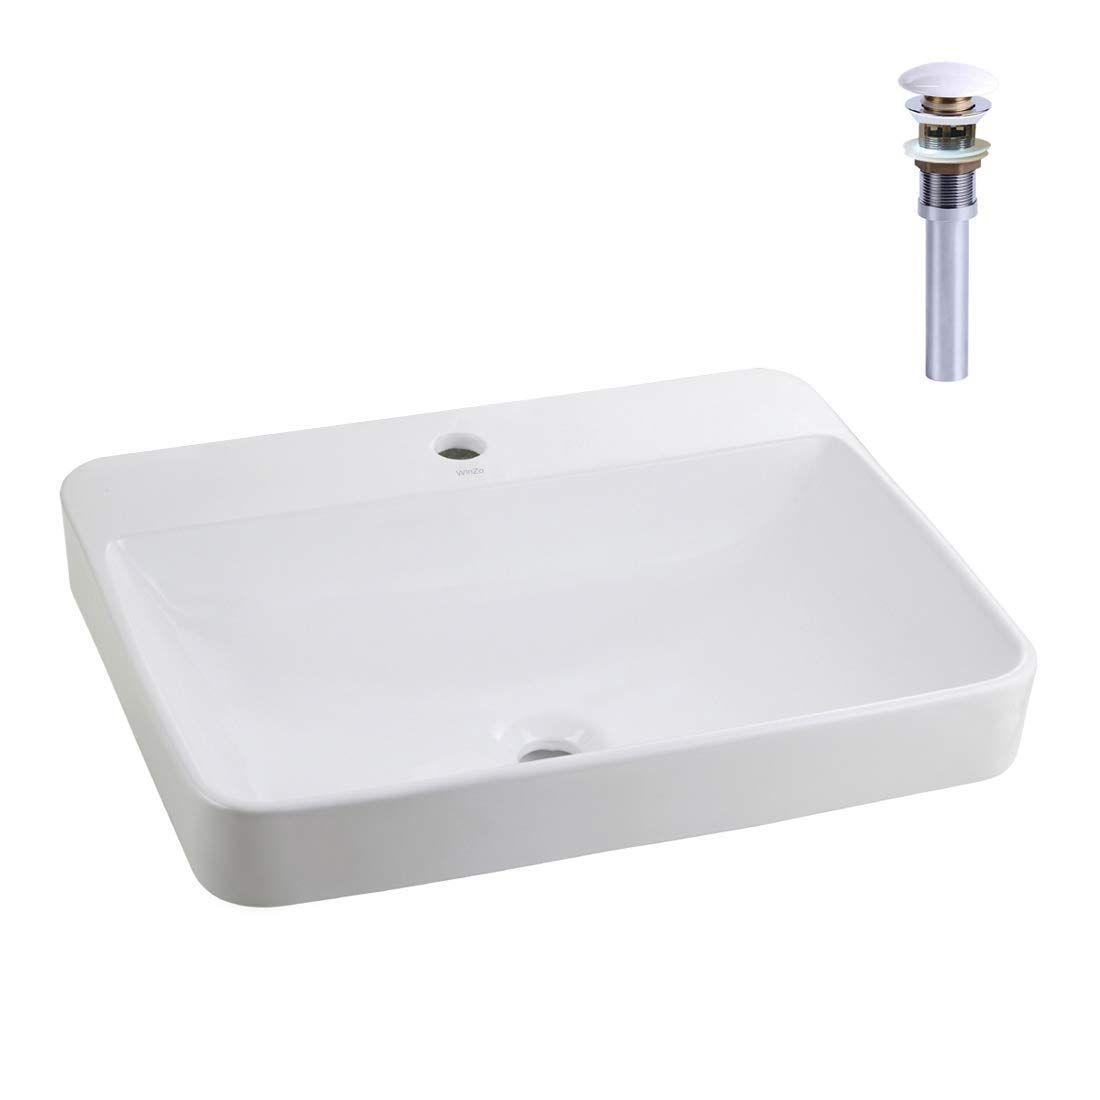 Winzo Wz6123d Drop In Bathroom Vessel Sink With Single Faucet Hole